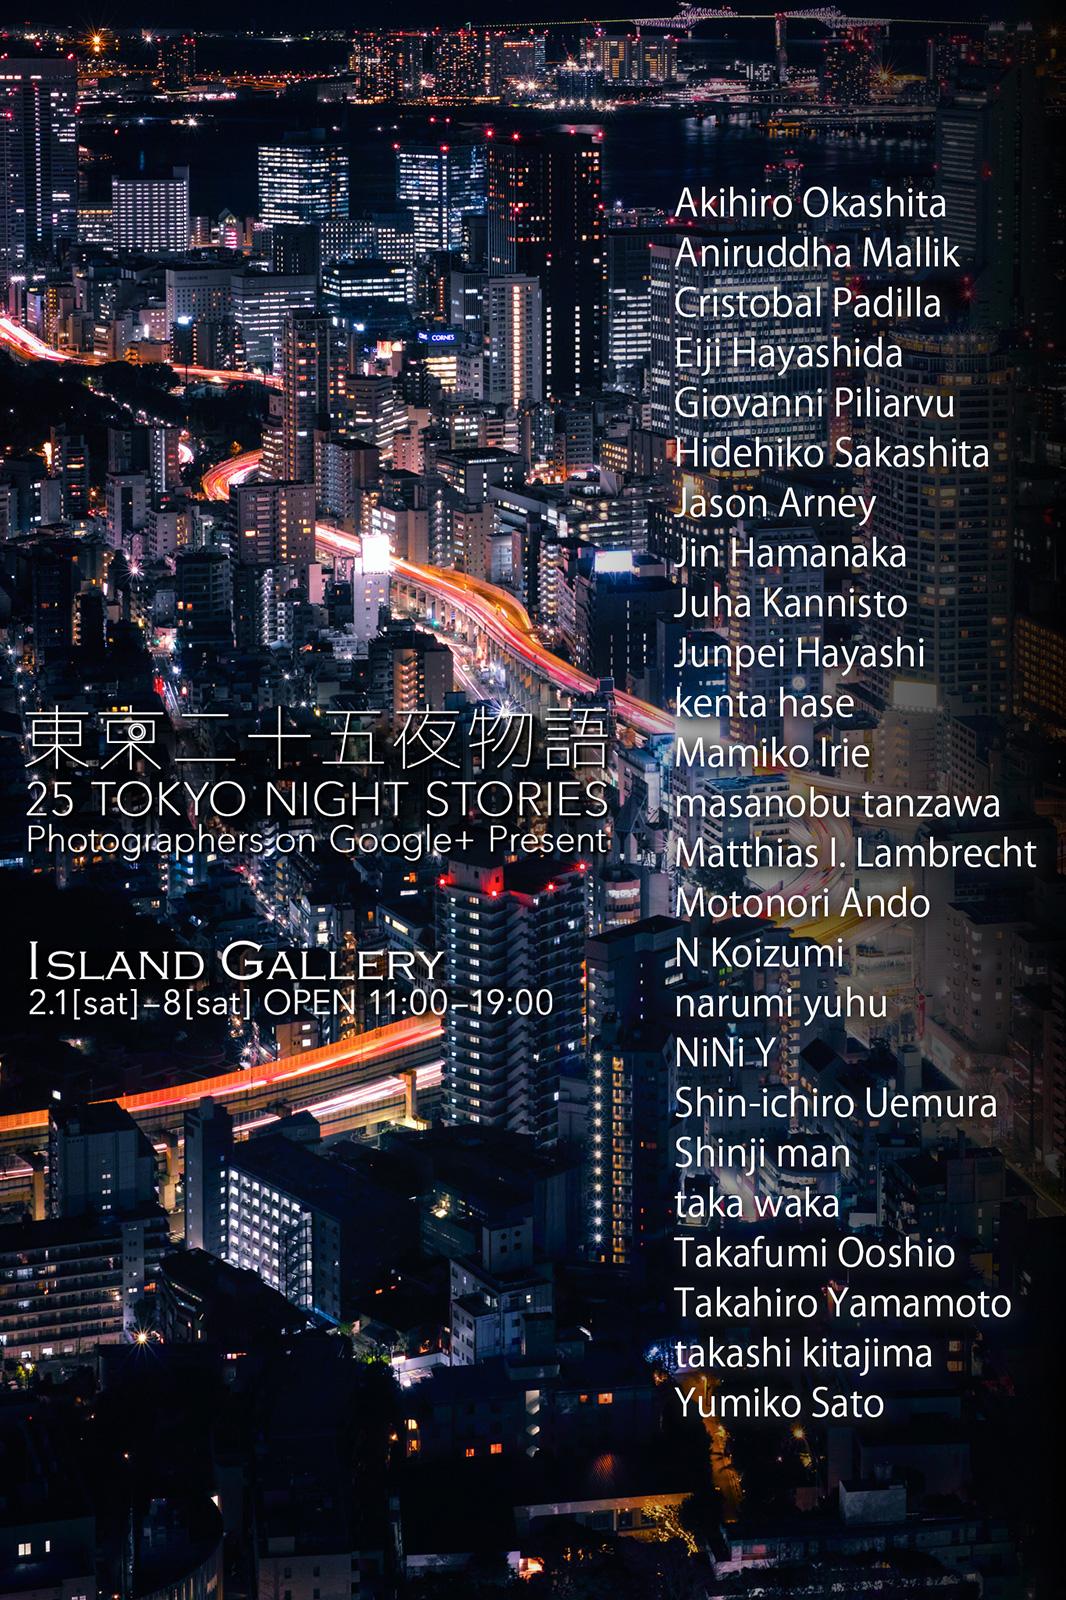 東京二十五夜物語 / 25 Tokyo Night Stories